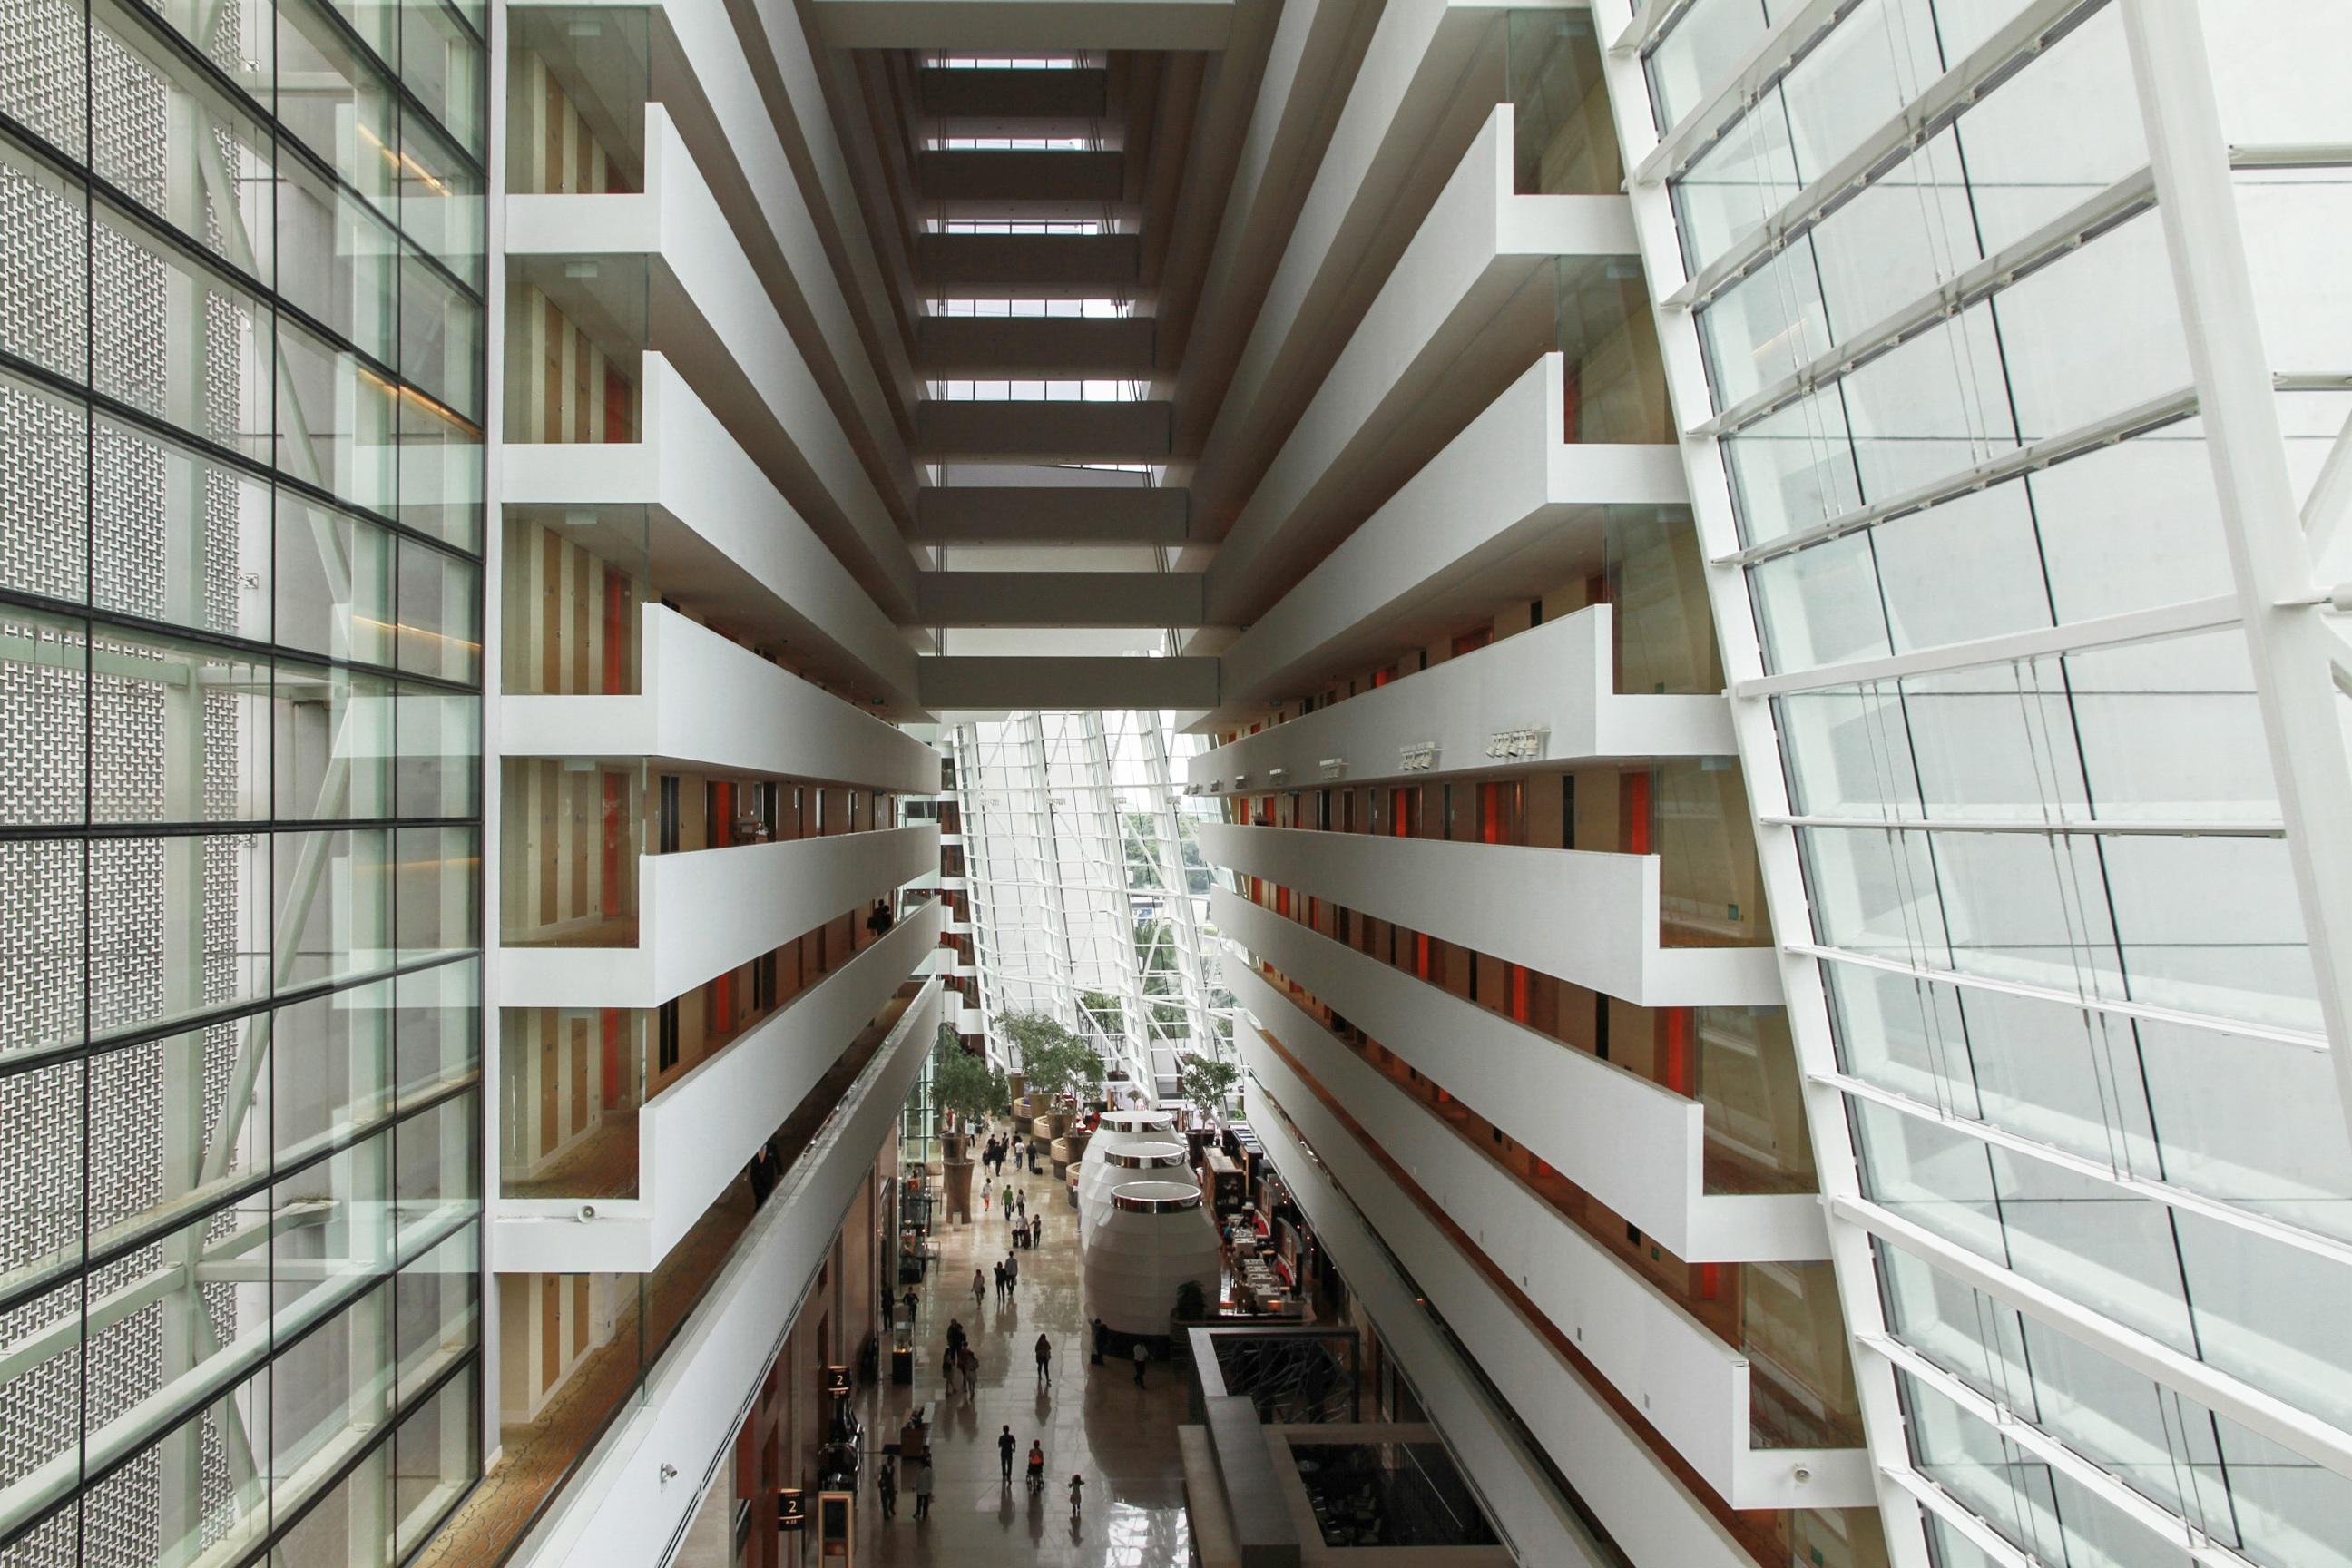 edificio fachada diseo de interiores biblioteca diseo escalera sede biblioteca pblica iluminacin natural de